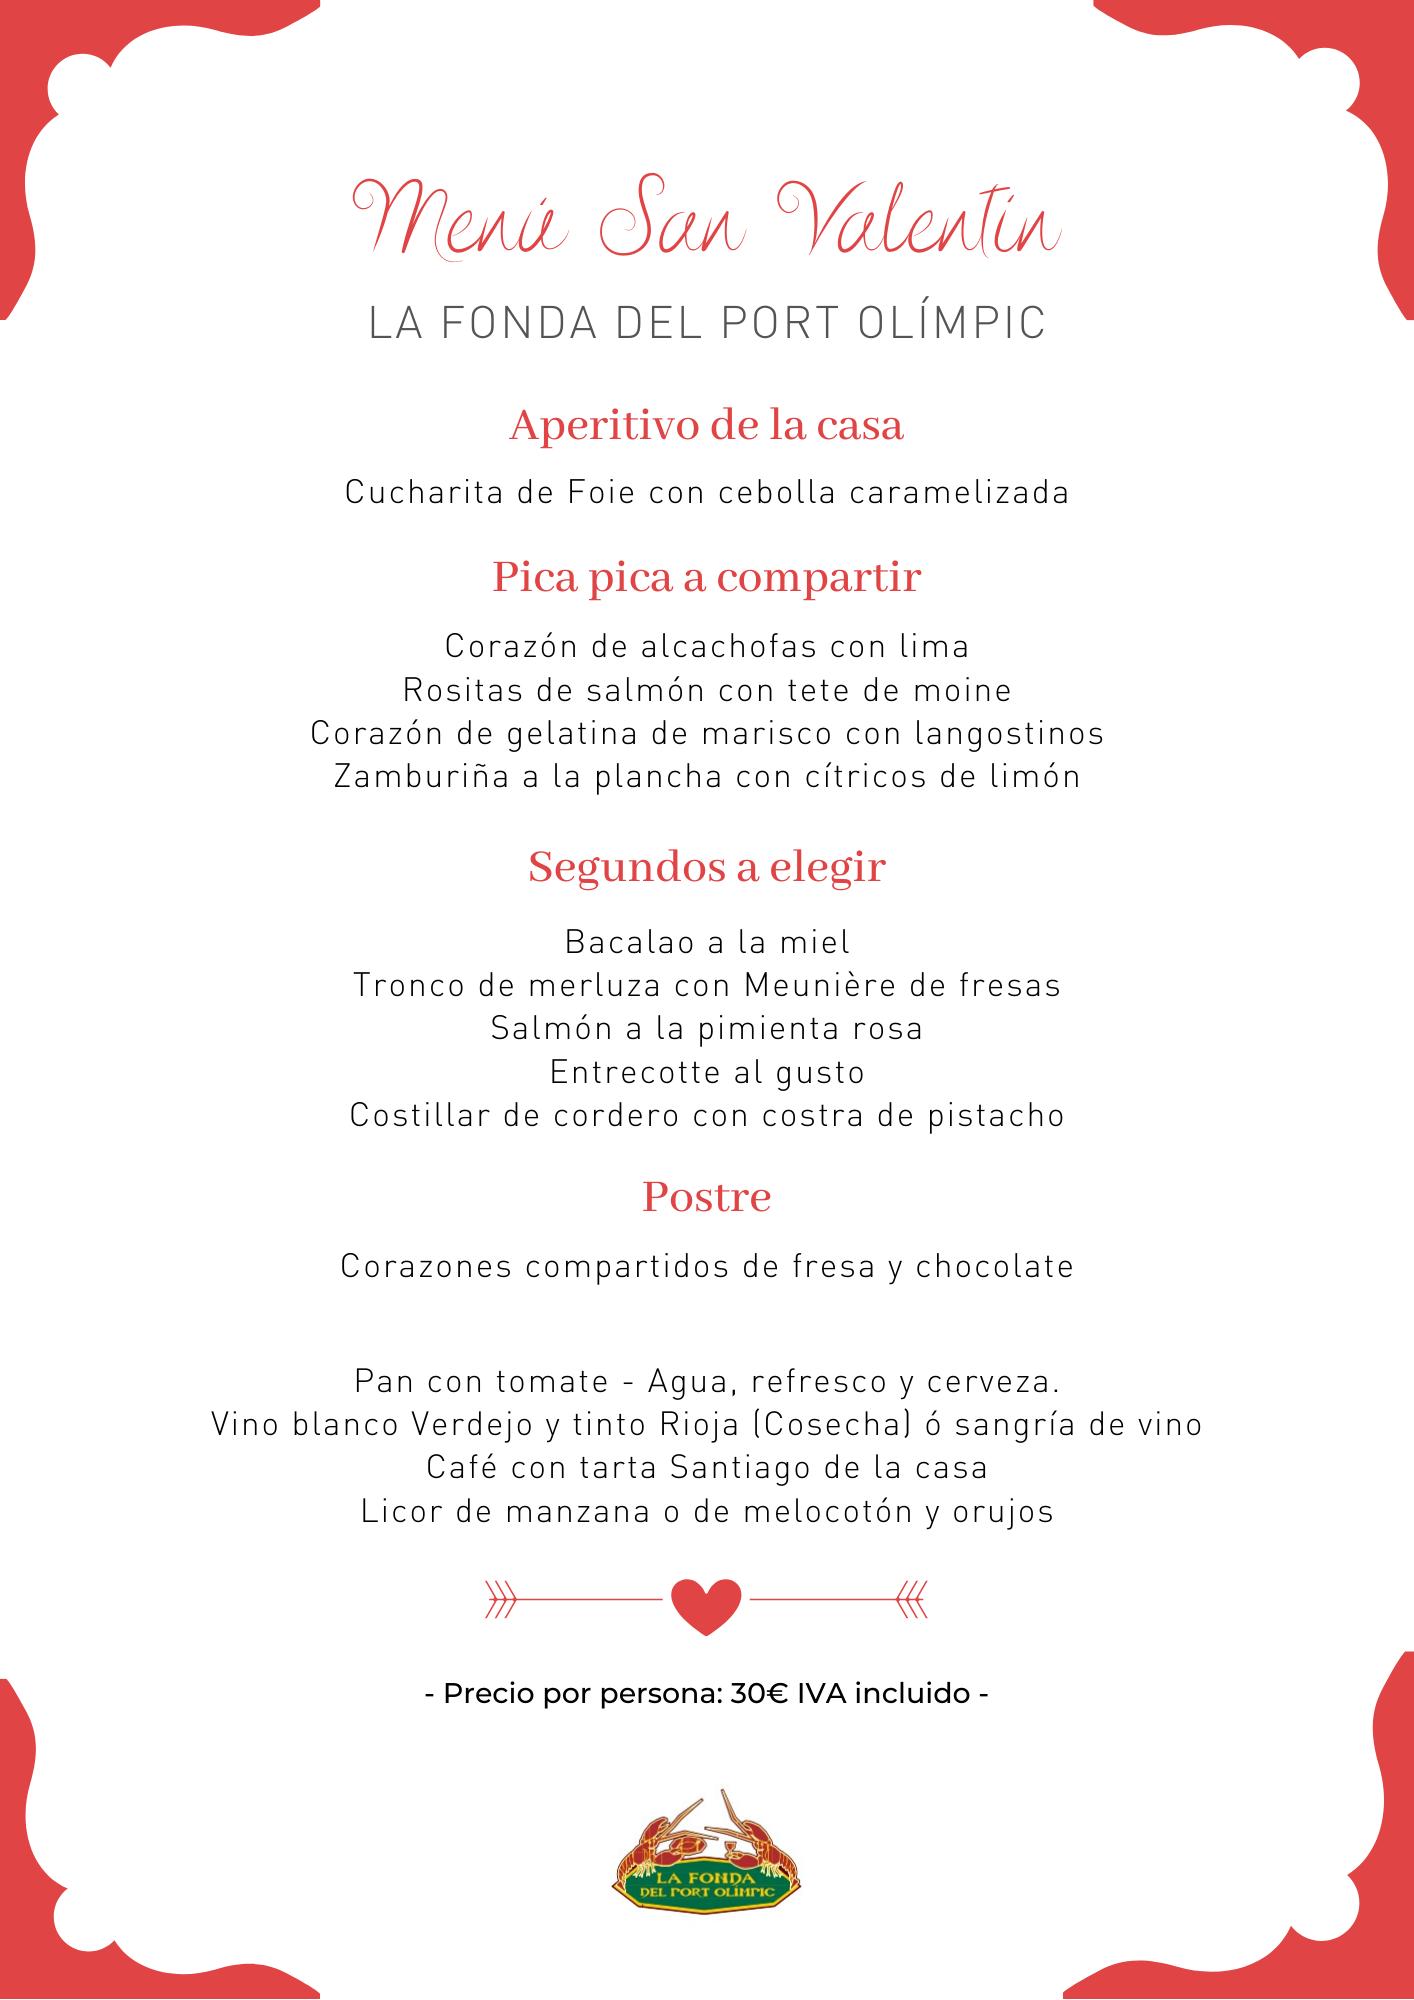 San Valentin - cena san valentín - la fonda